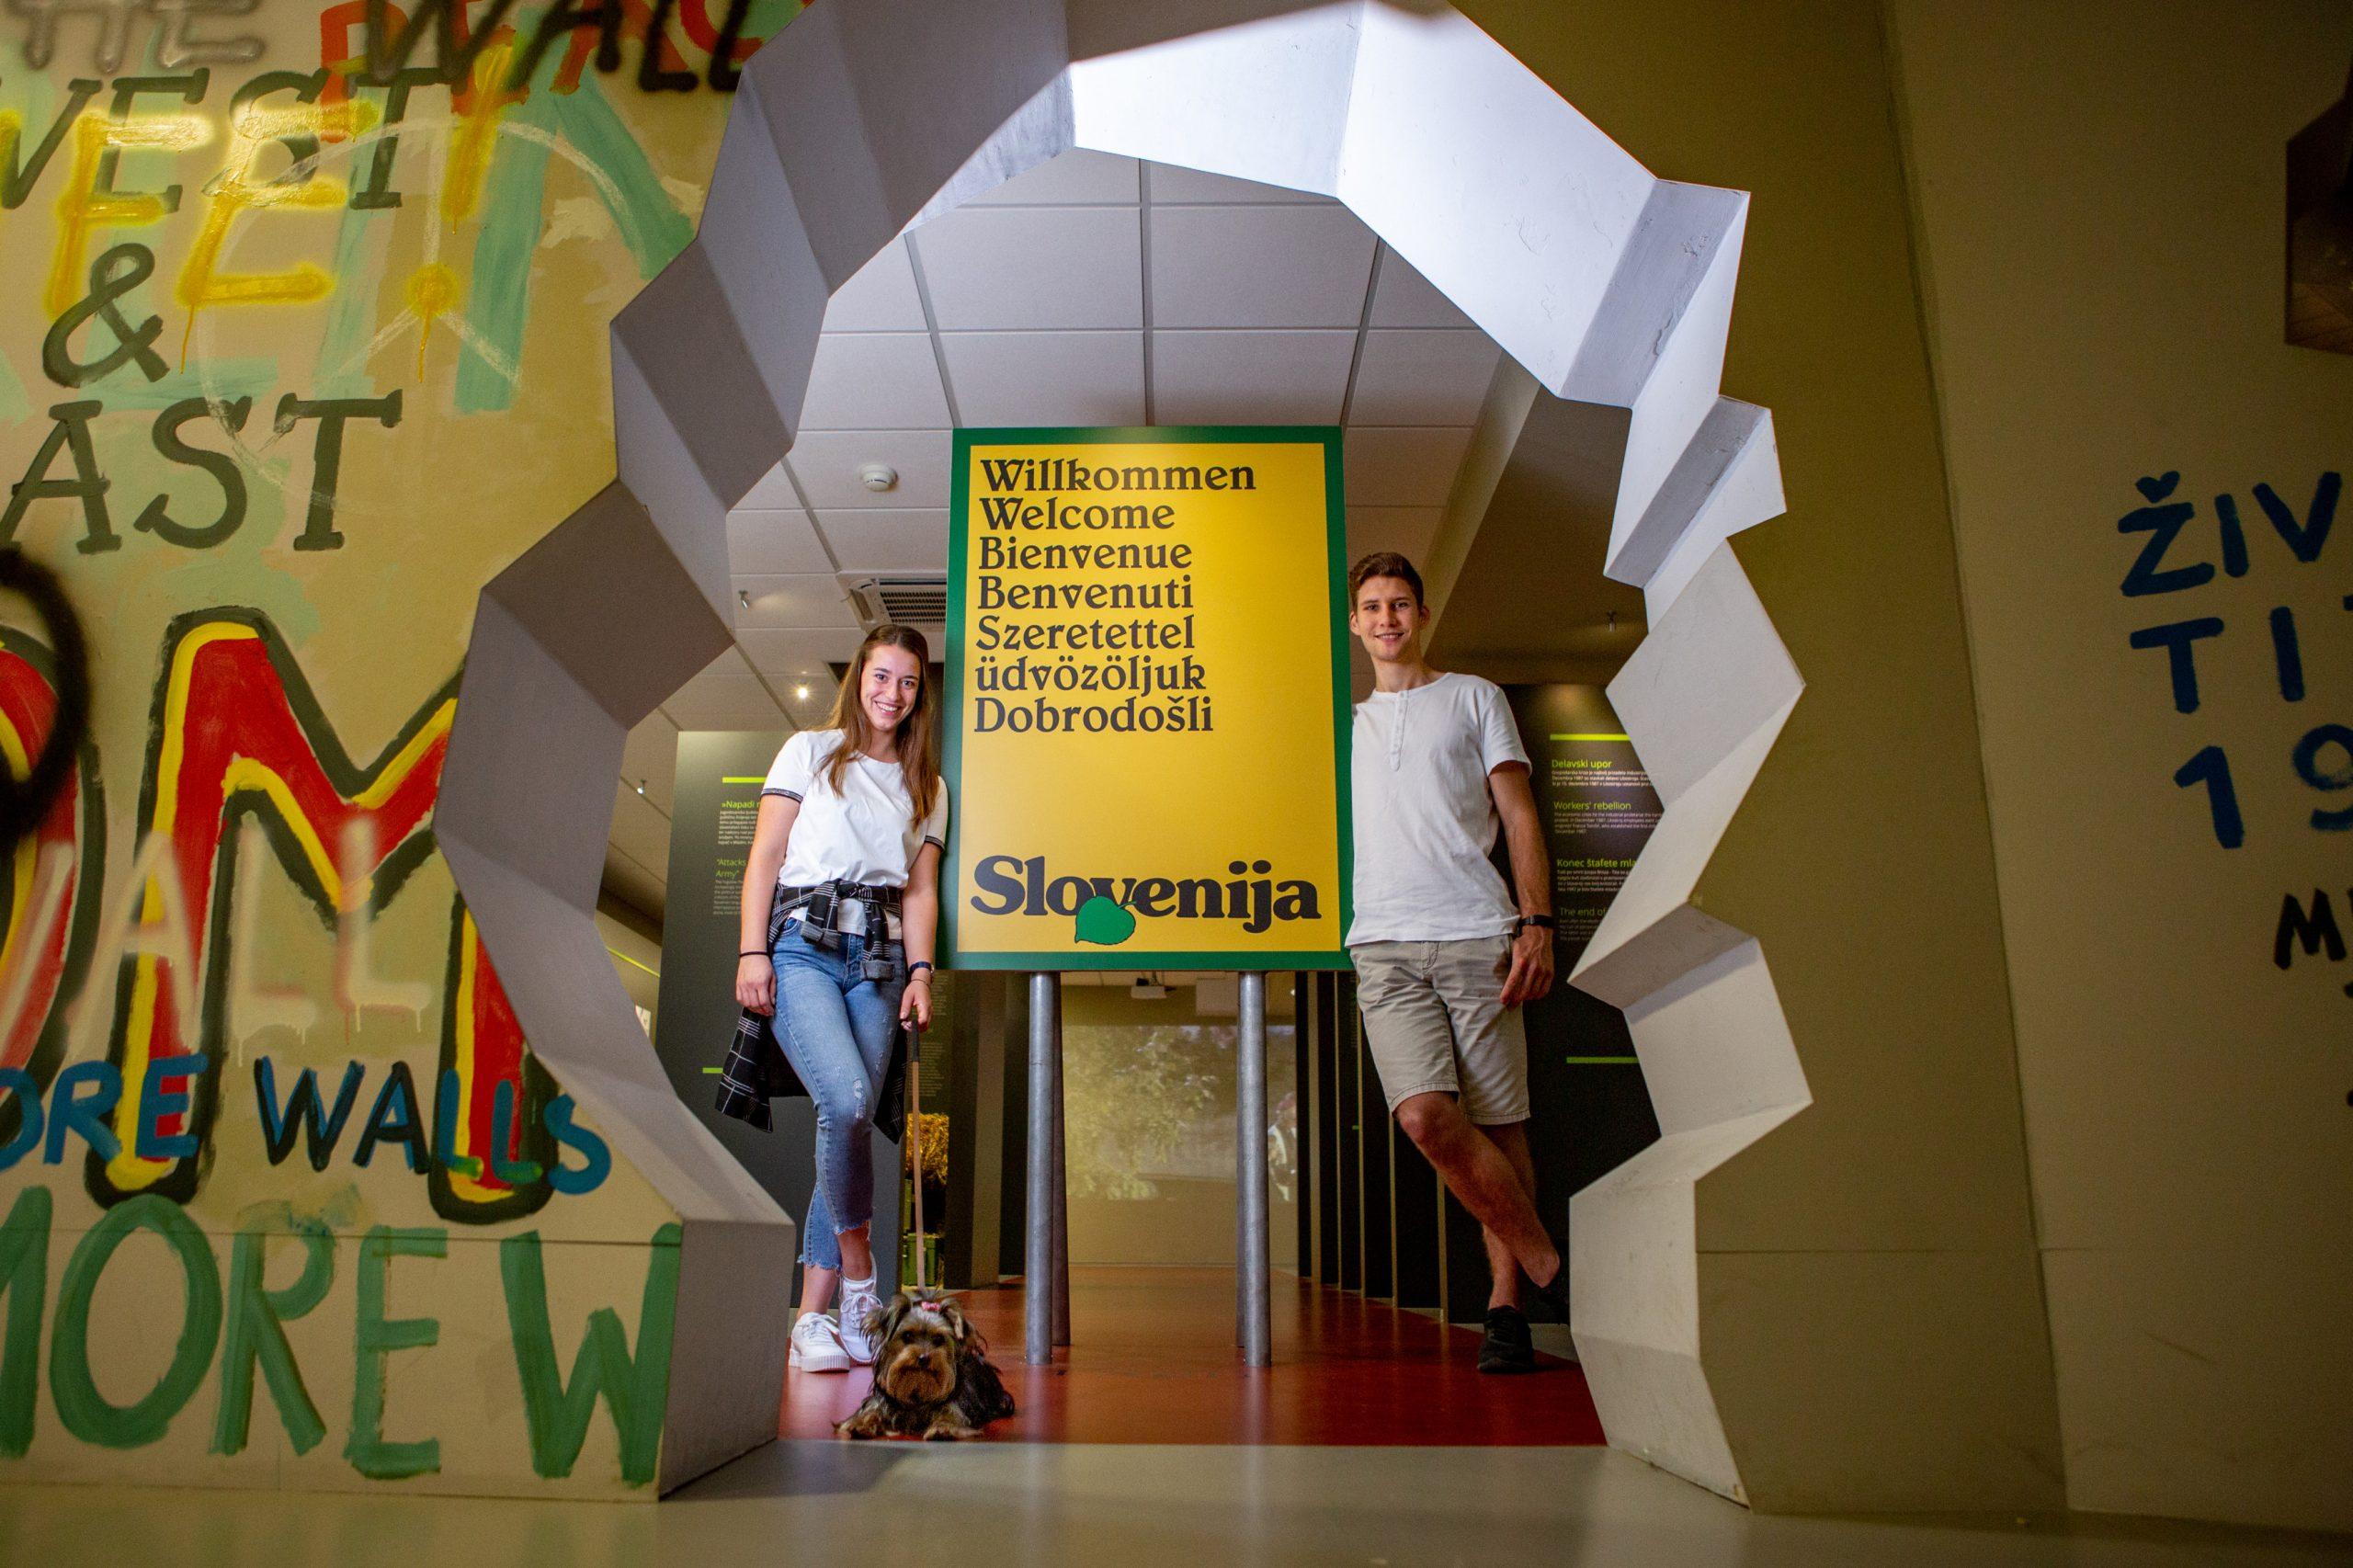 Par v muzeju, pred znakom s časa osamosvojitve.